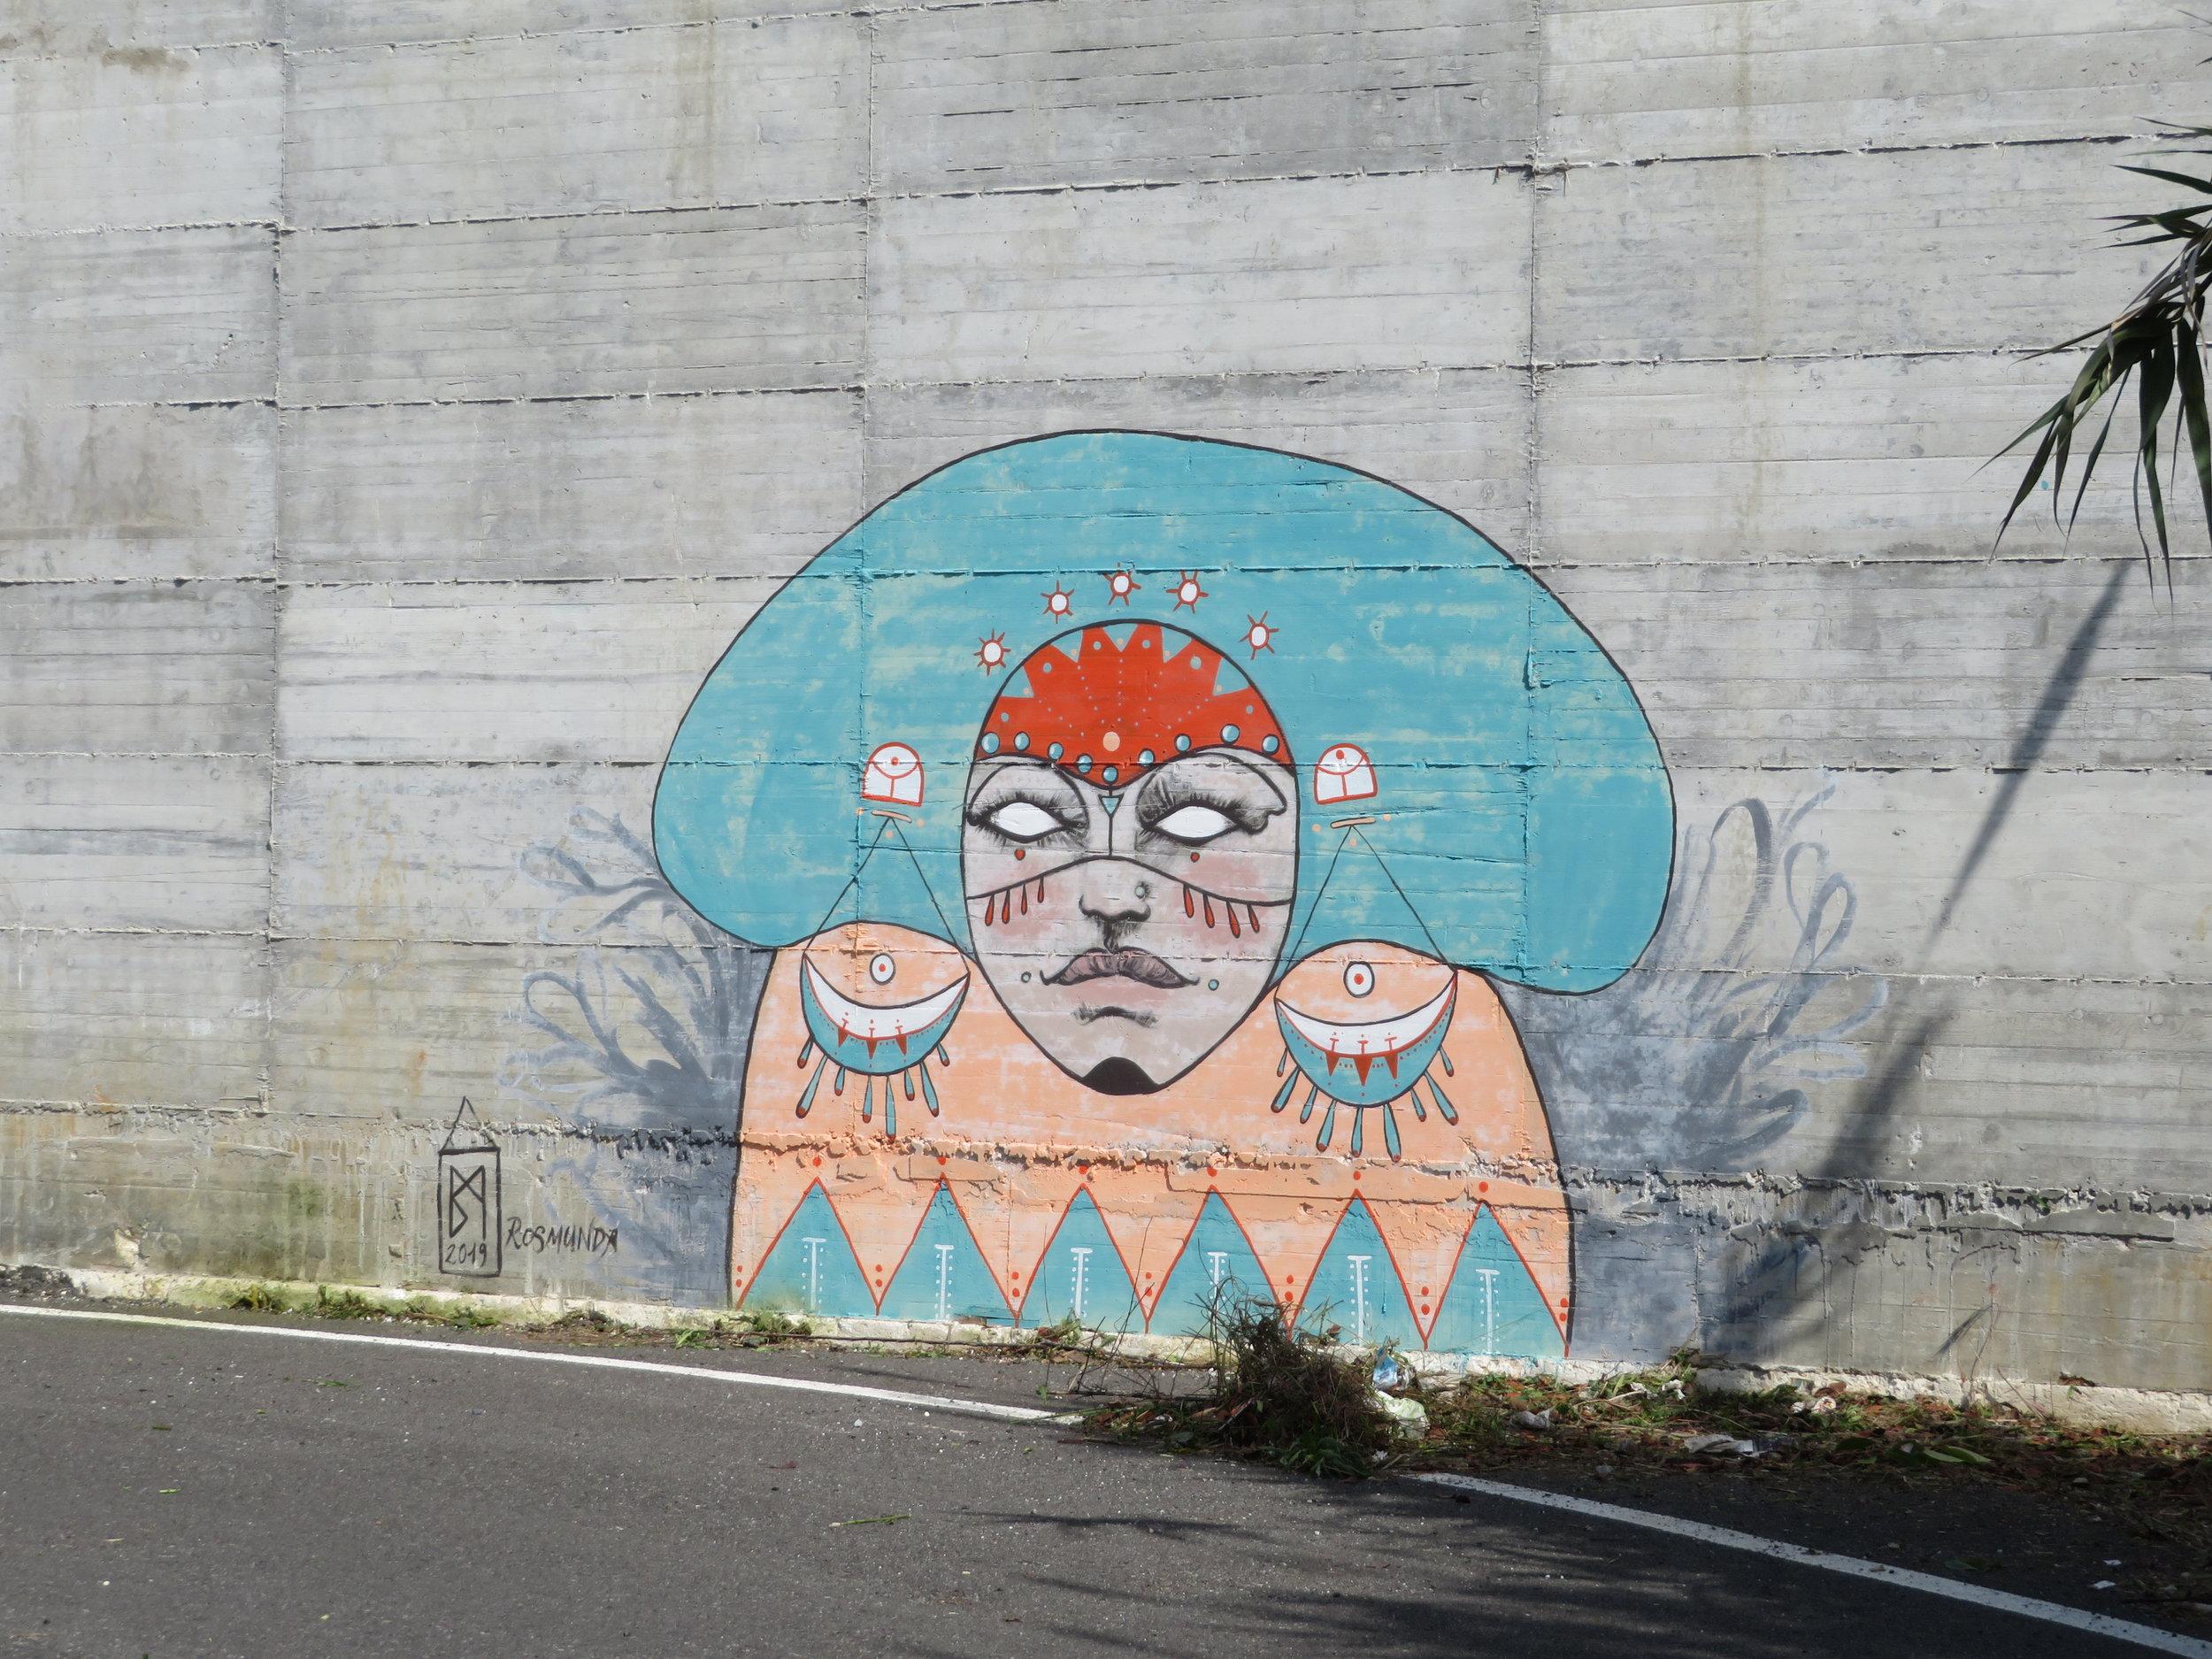 massa_sarzana_street art.JPG